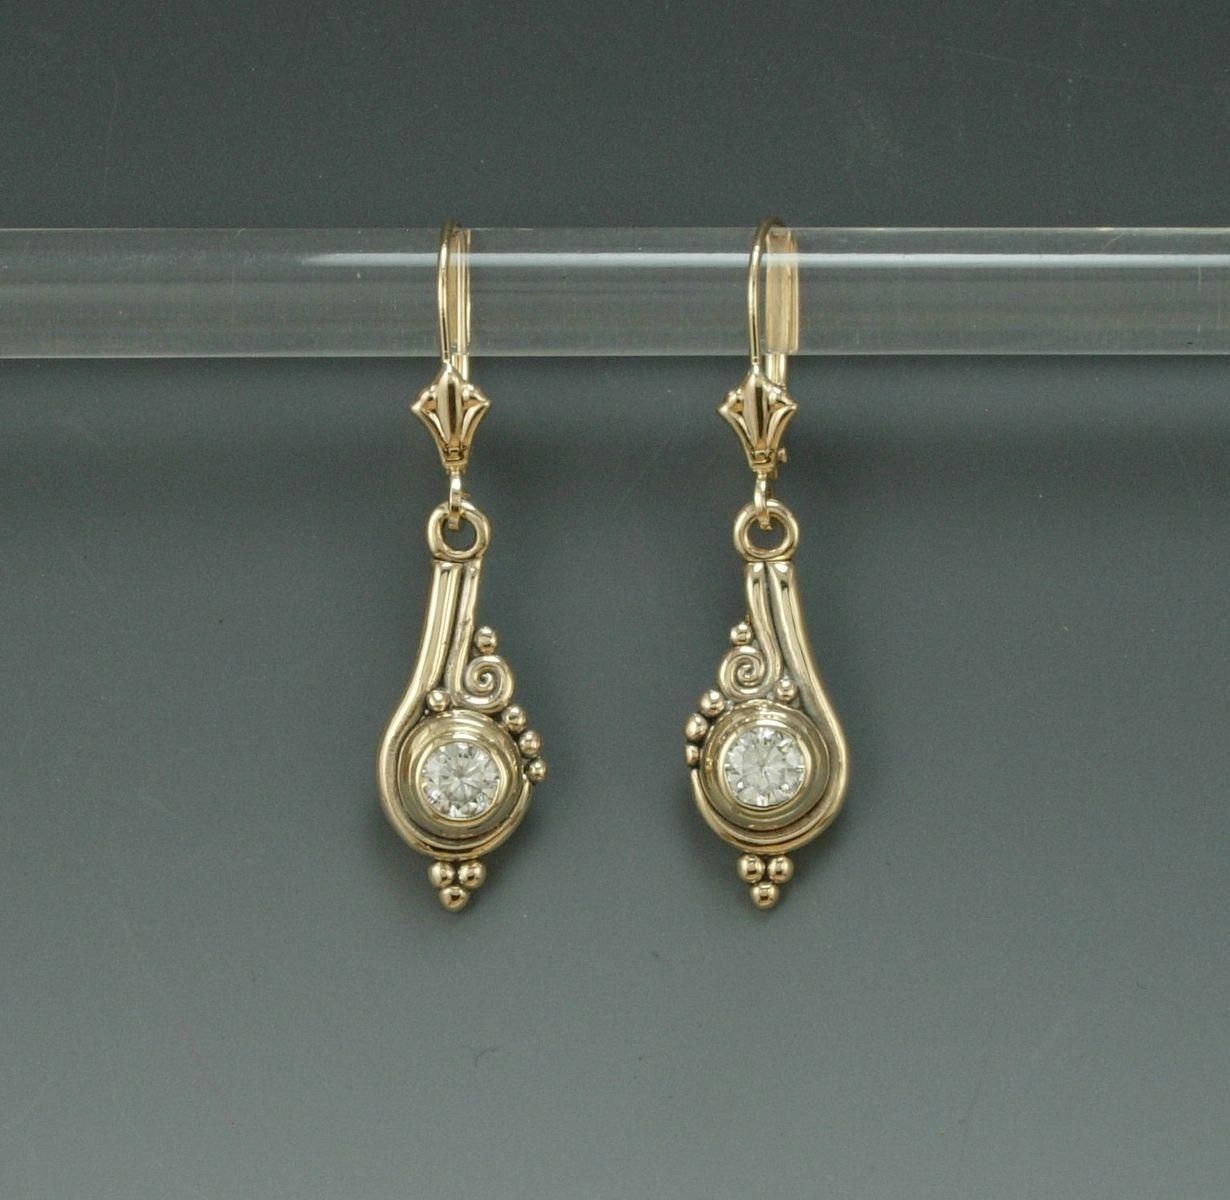 Custom Made 14k Yellow Gold Moissanite Earrings